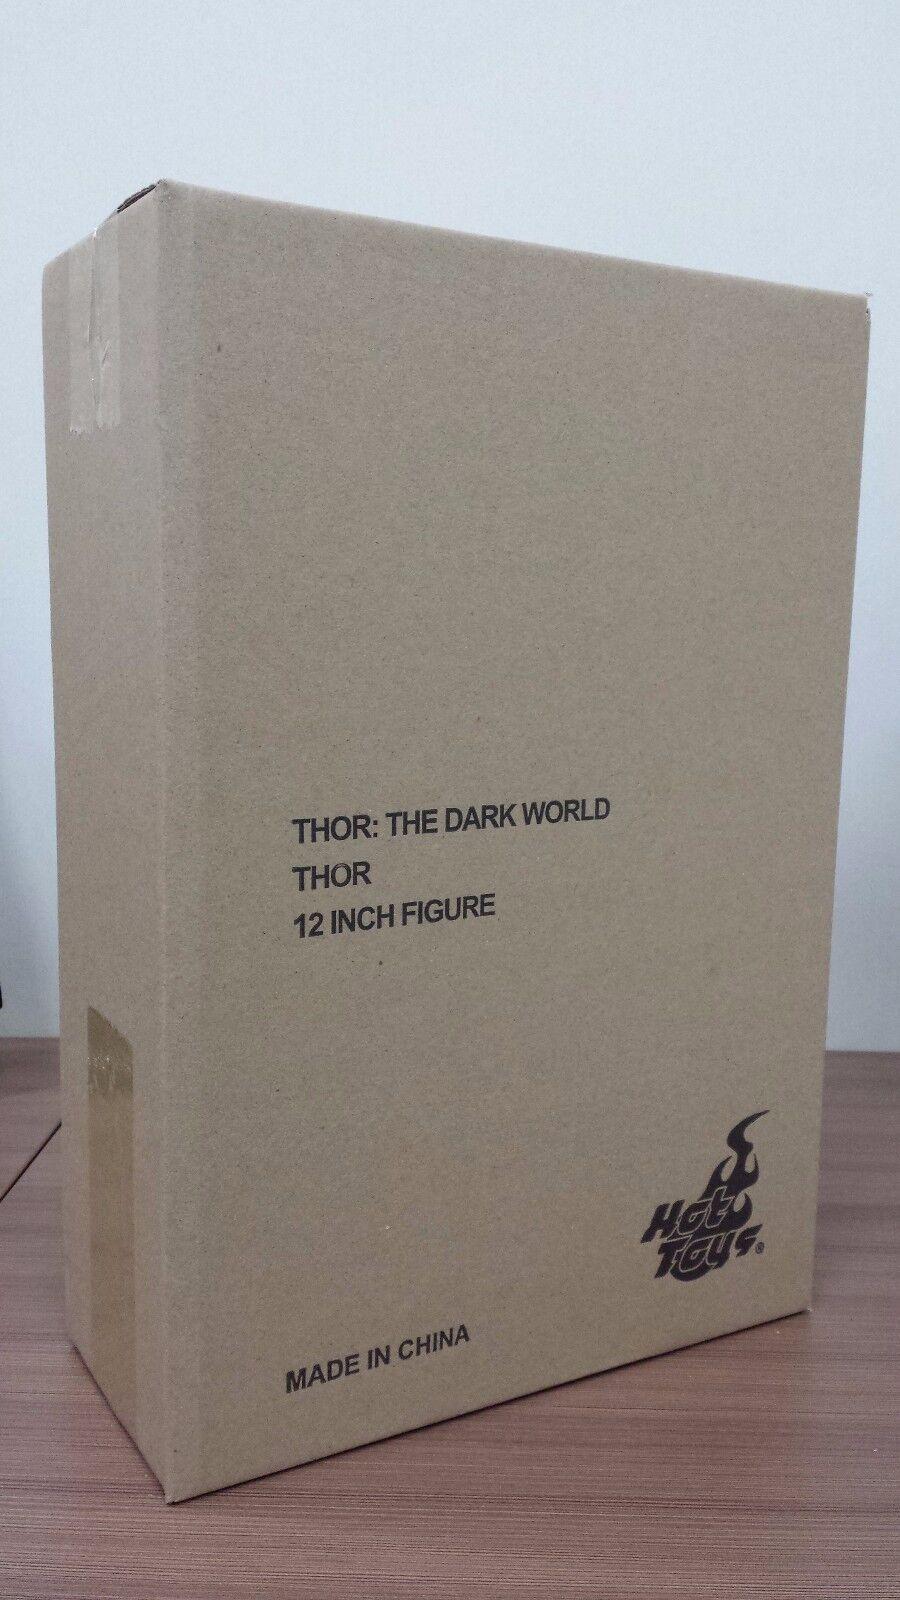 Hot Juguetes MMS 224 Thor 2 el Mundo Oscuro Chris Hemsworth 12 in (approx. 30.48 cm) Figura De Acción Nueva